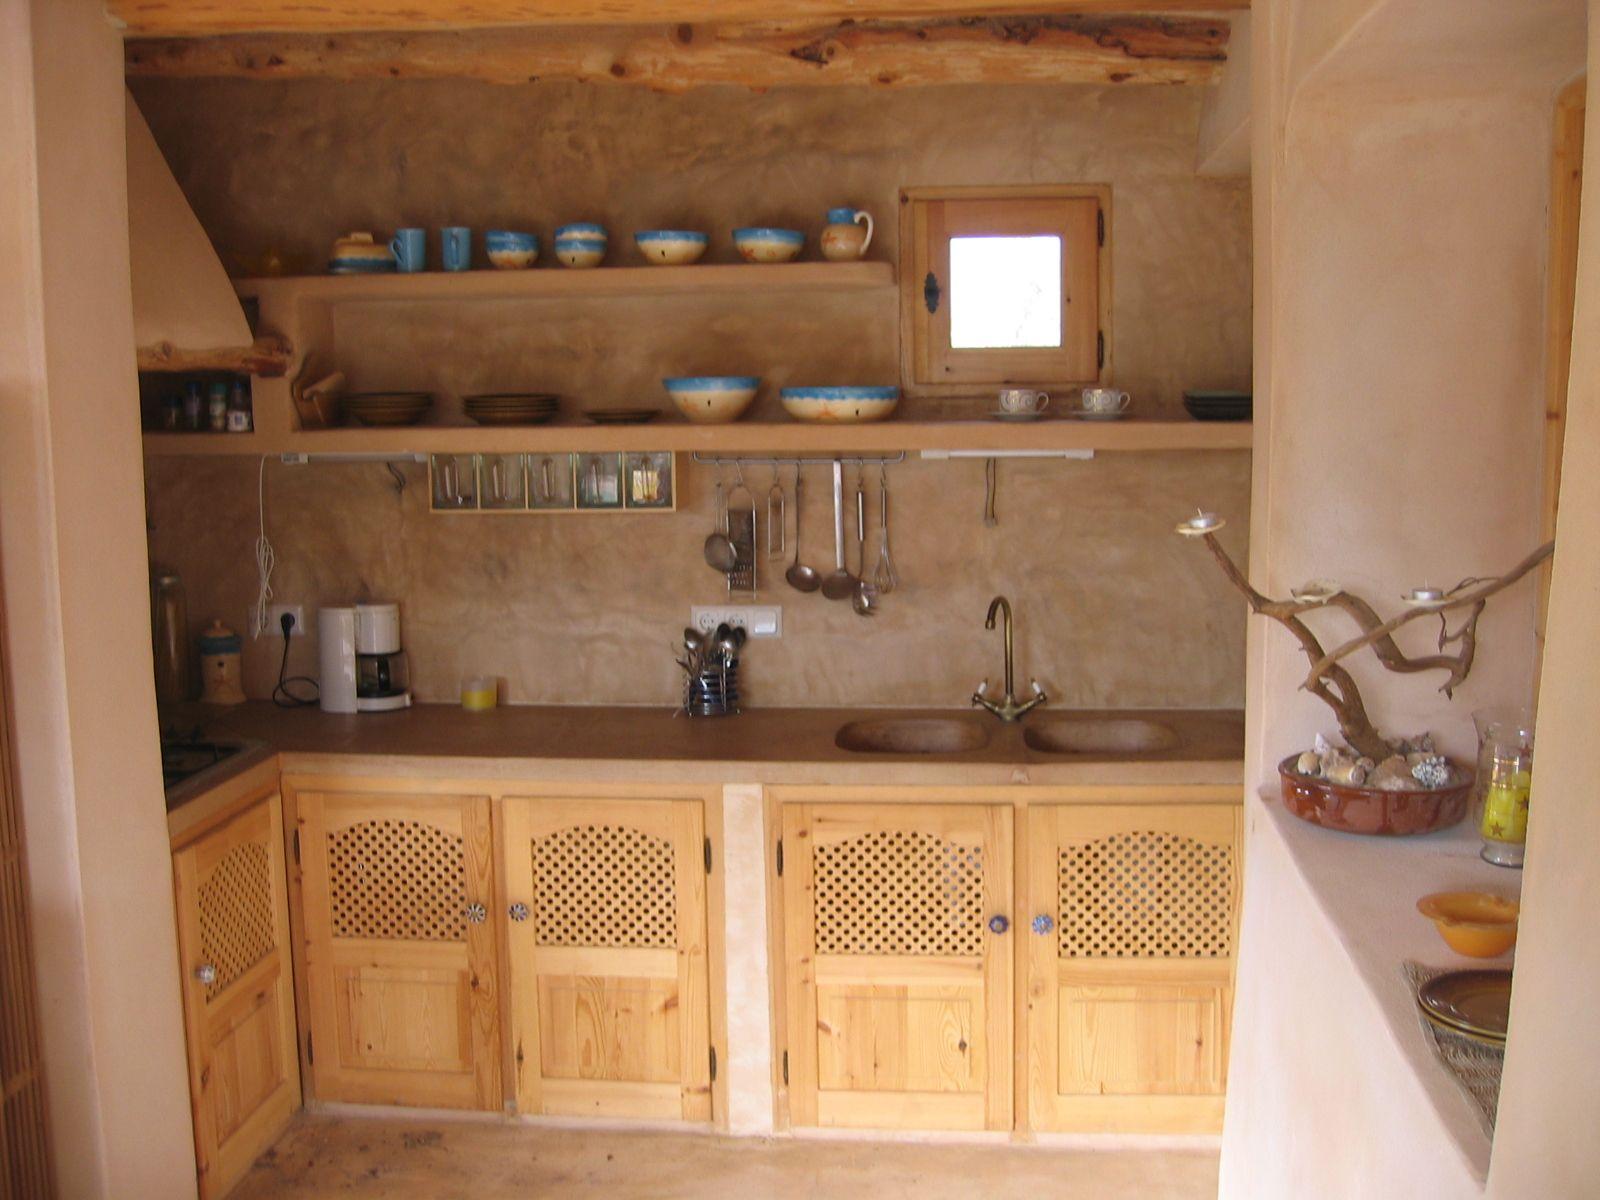 Gemauerte Küche | Kittchen | Pinterest | Gemauerte küche, Küche und ...